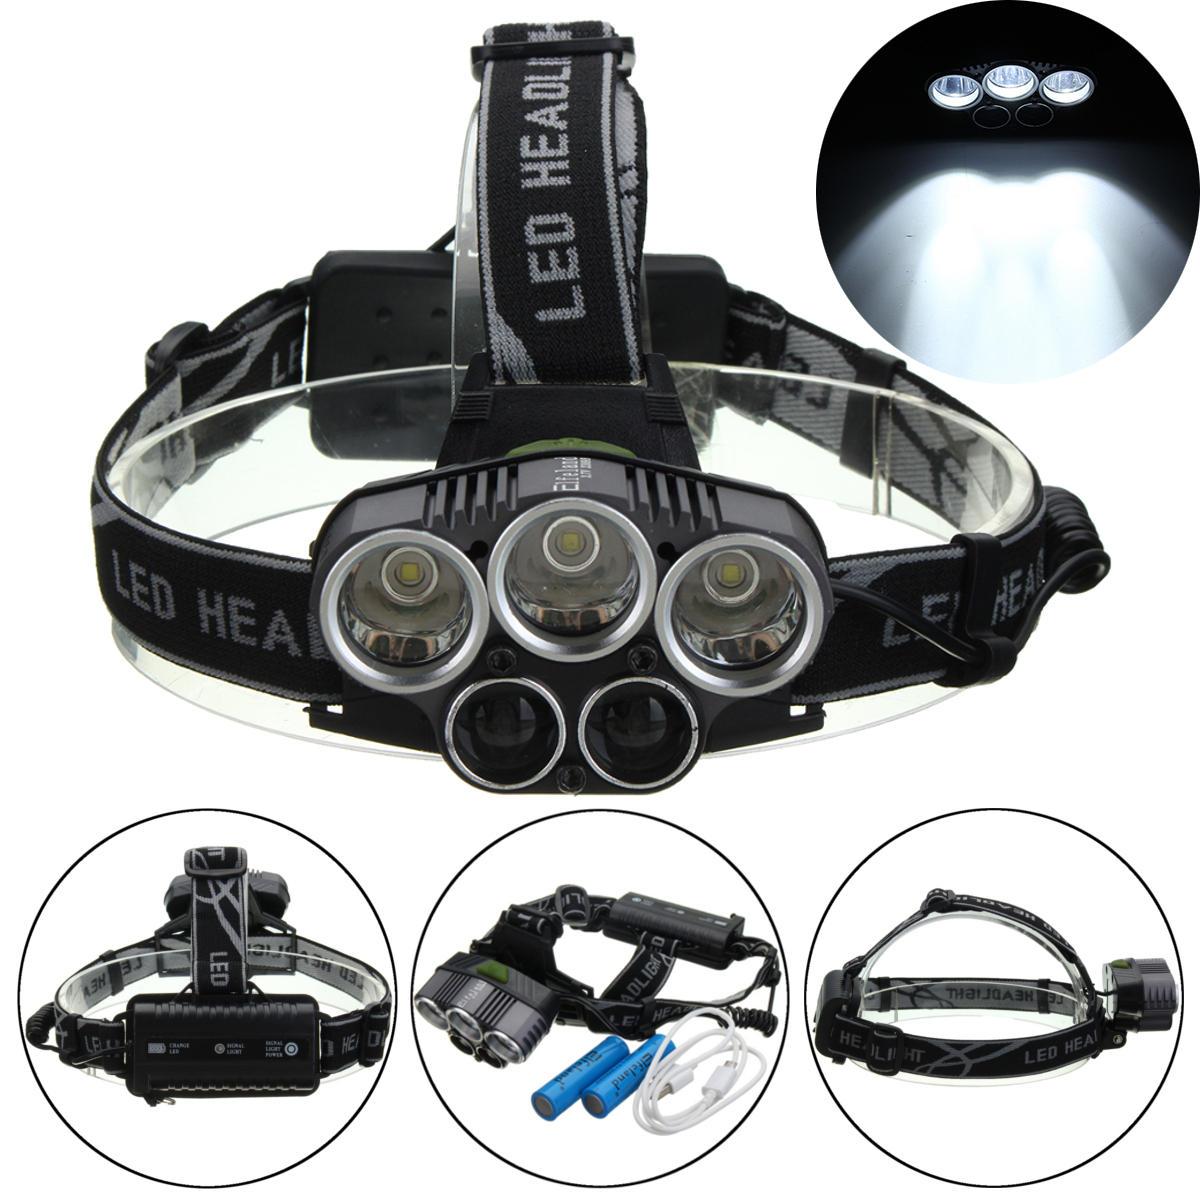 BIKIGHT TH-124 3000LM 5xT6 LED Linterna frontal recargable con USB Antorcha con zoom cámping Luz de advertencia de cicli